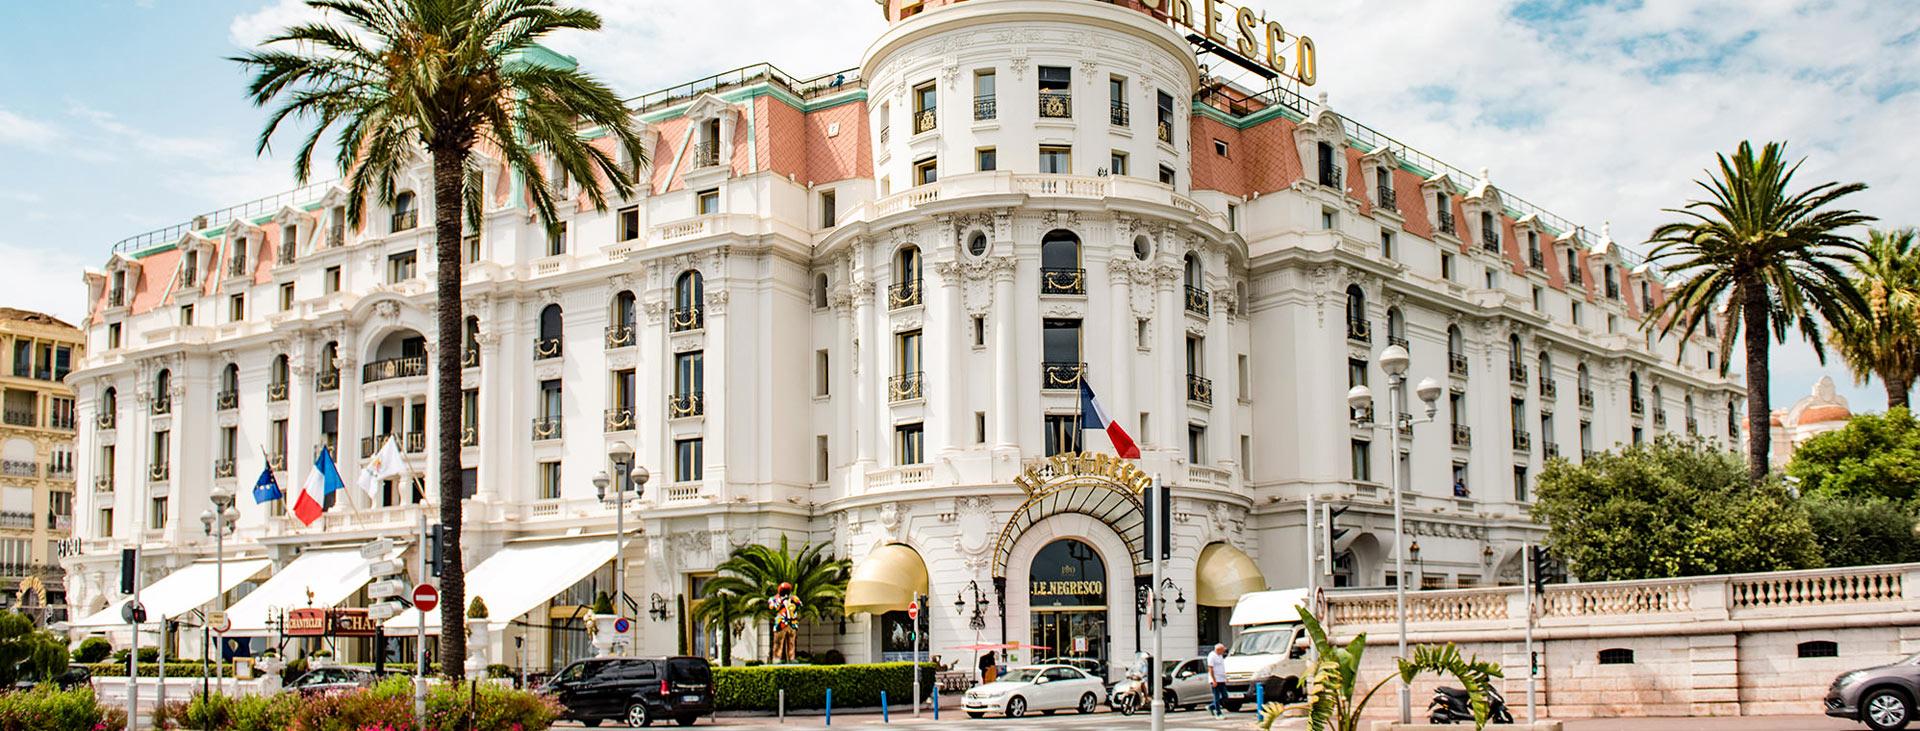 Negresco, Nizza, Ranskan Riviera, Ranska